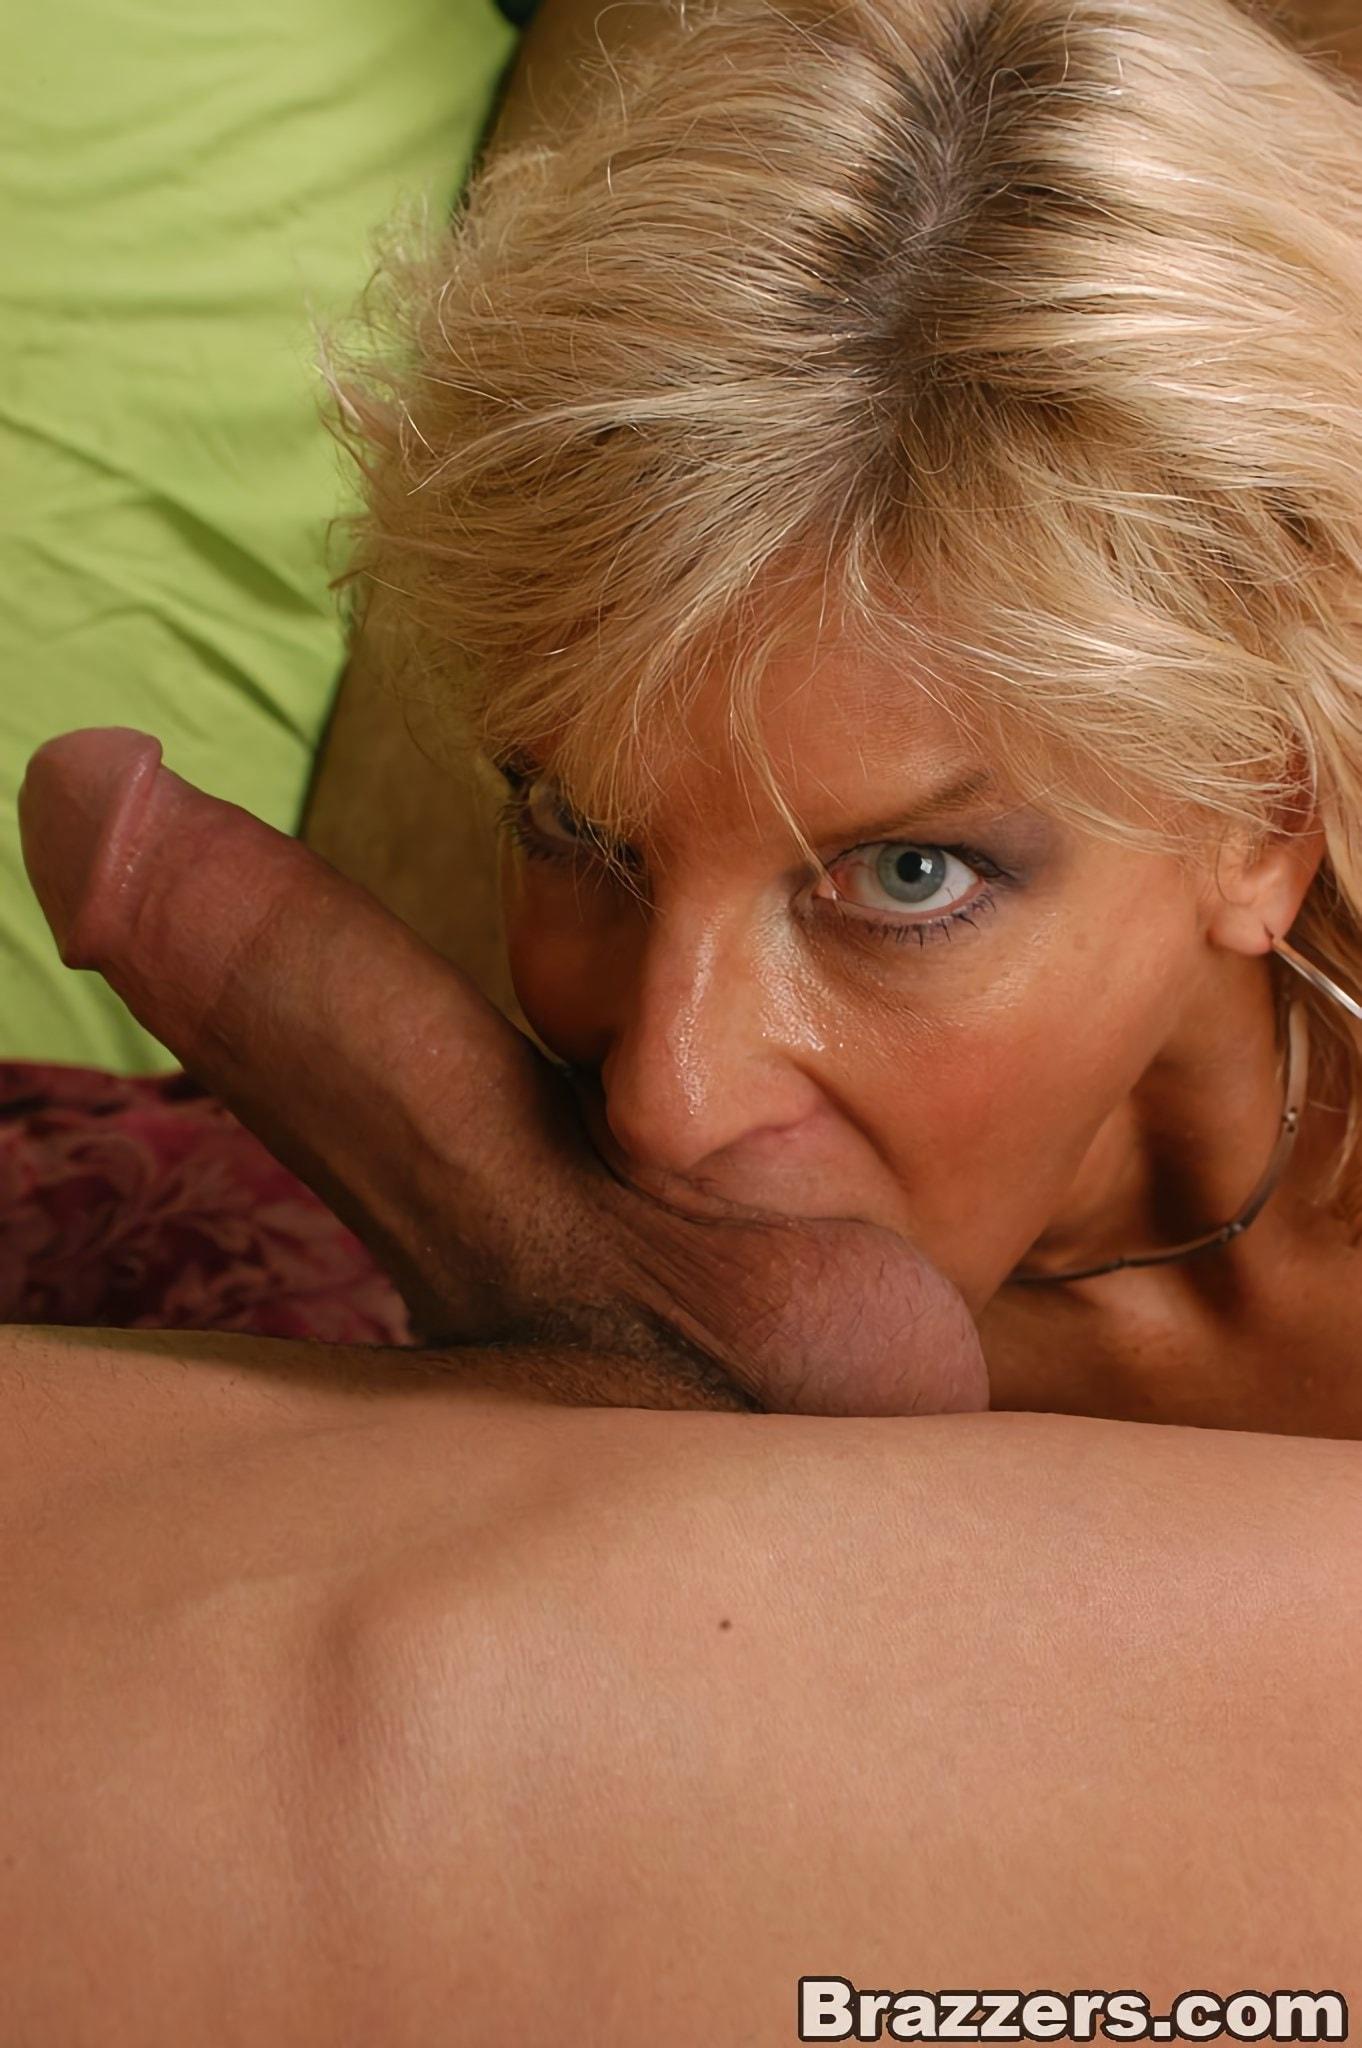 Big mature women grabbing young cocks naked